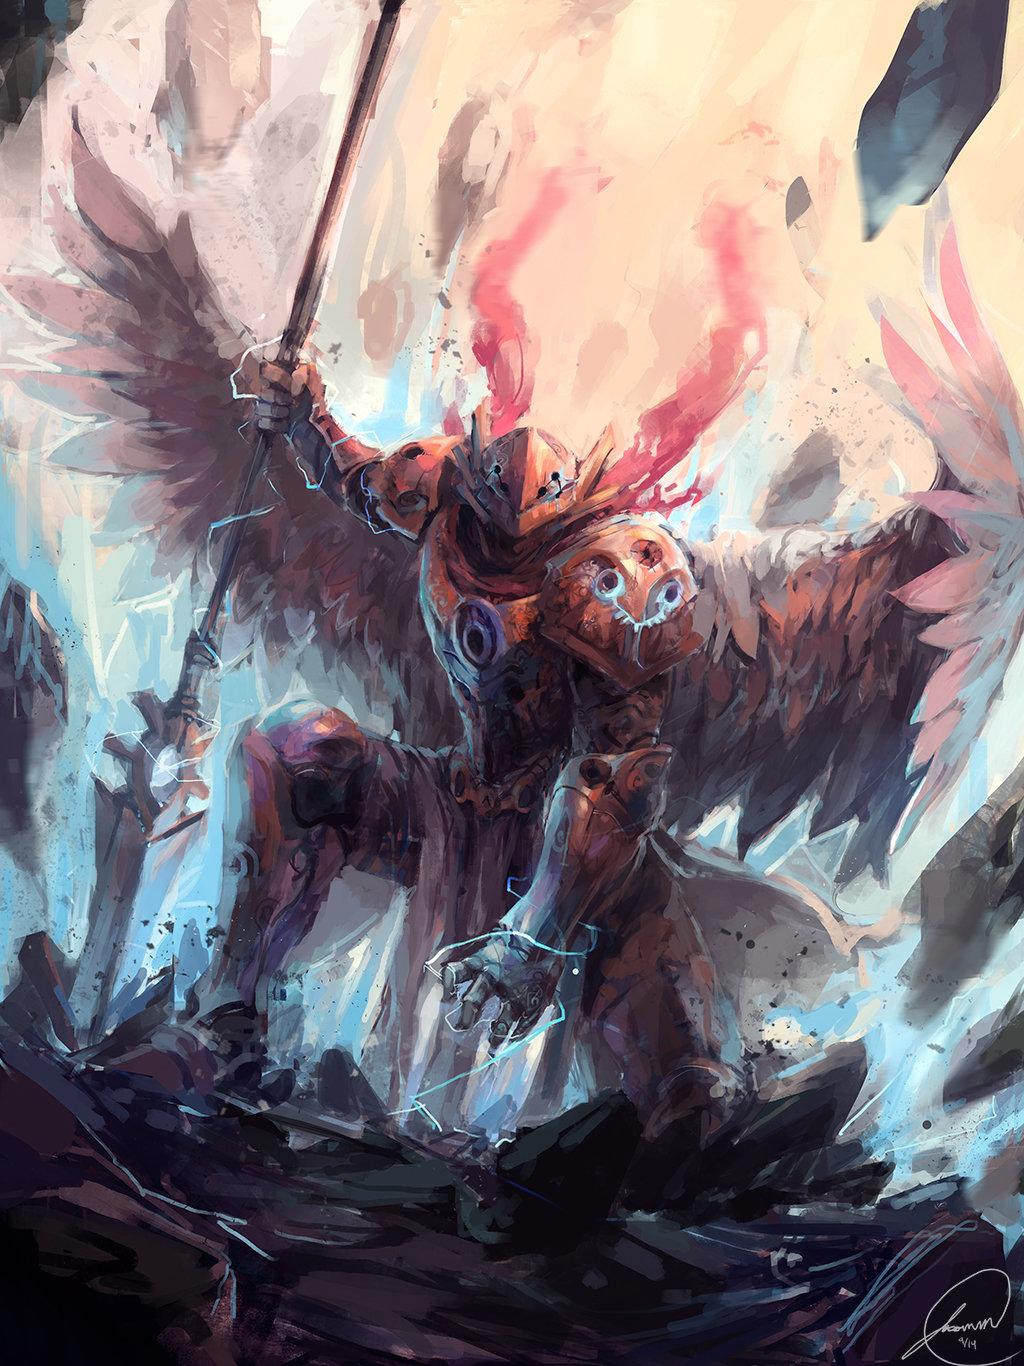 Concept art ангел расколовший землю, крутой концепт арт от jason nguyen